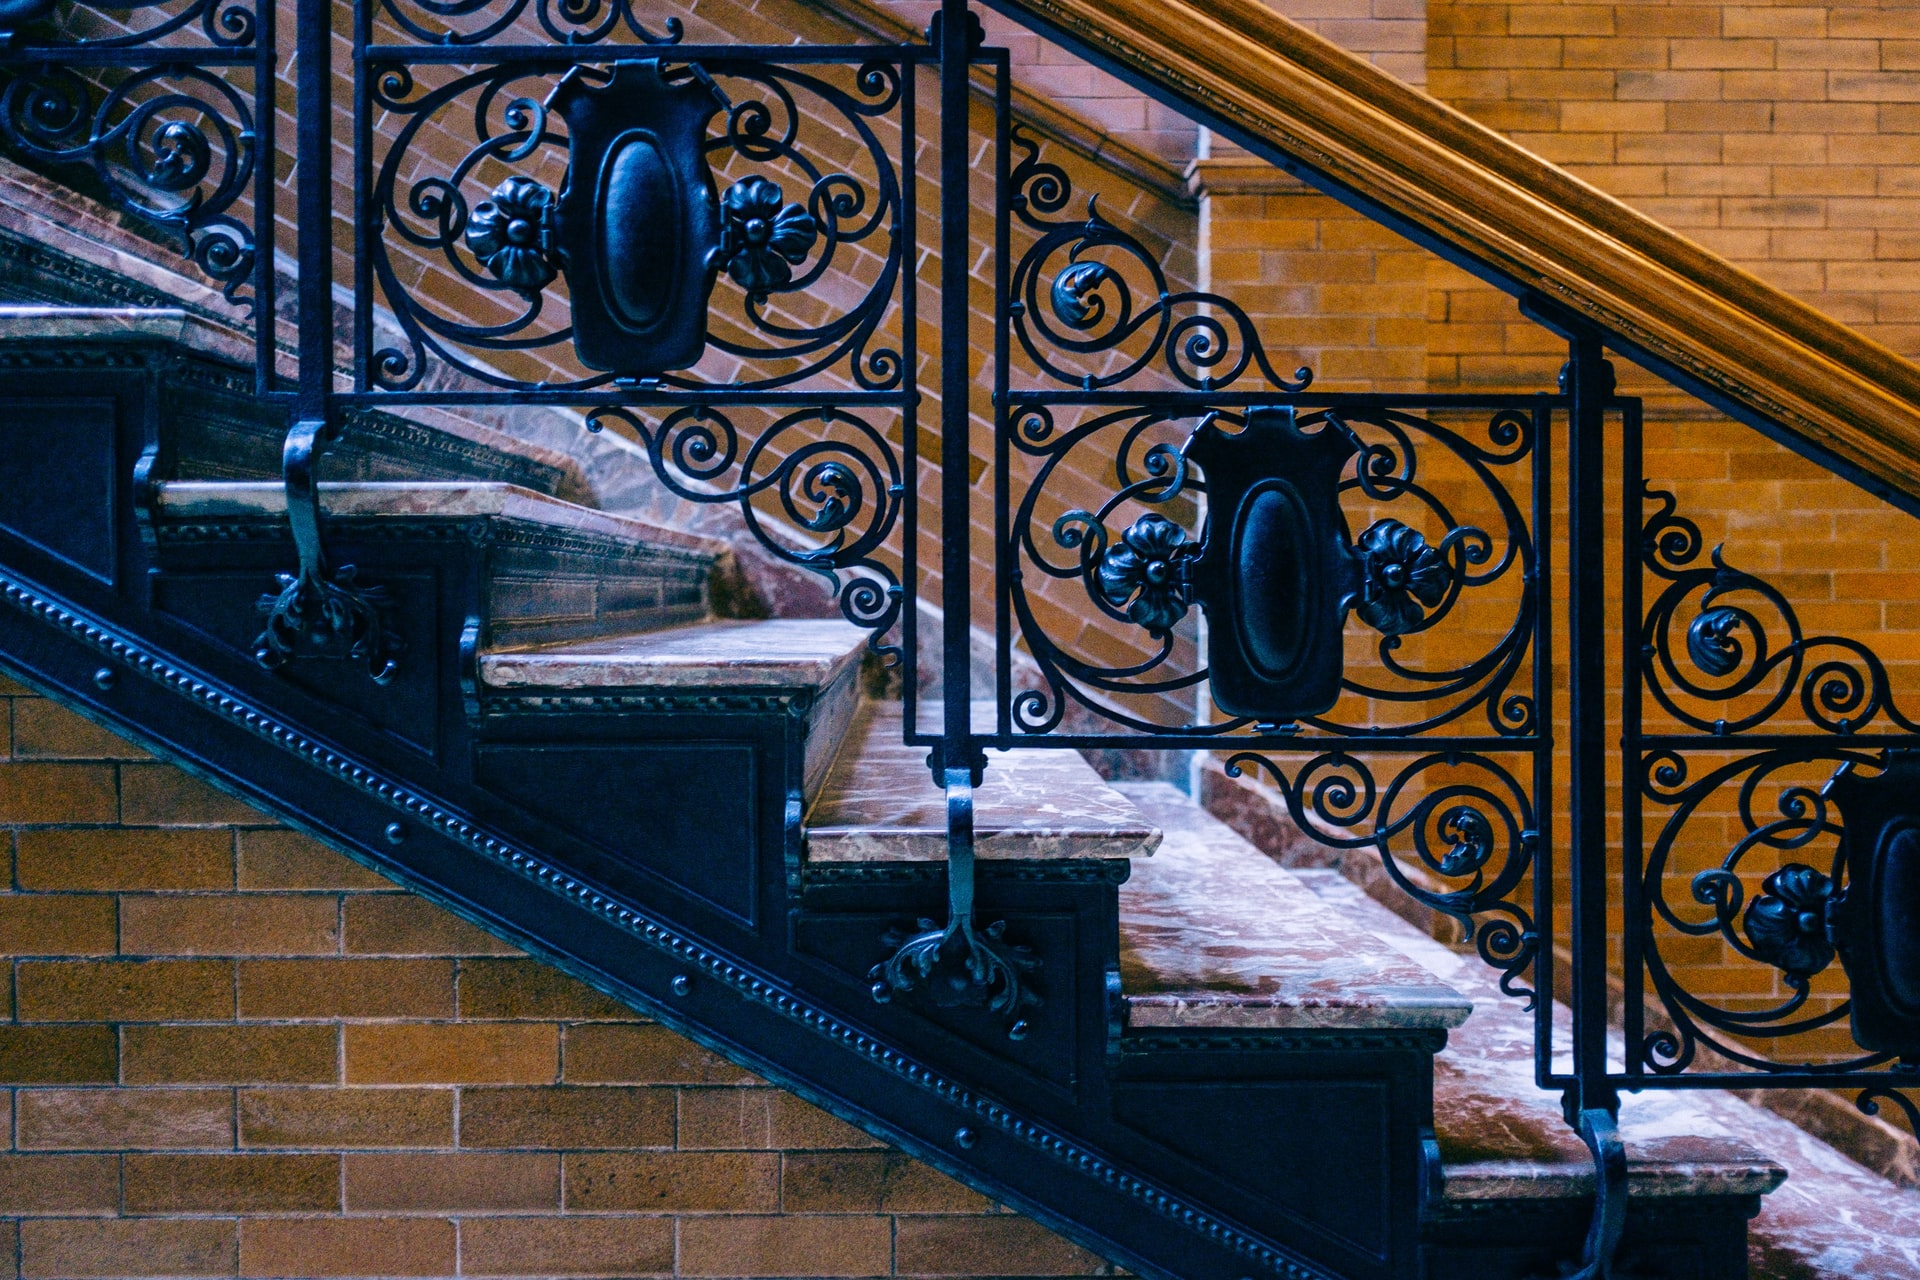 Bradbury Building detailing on staircase